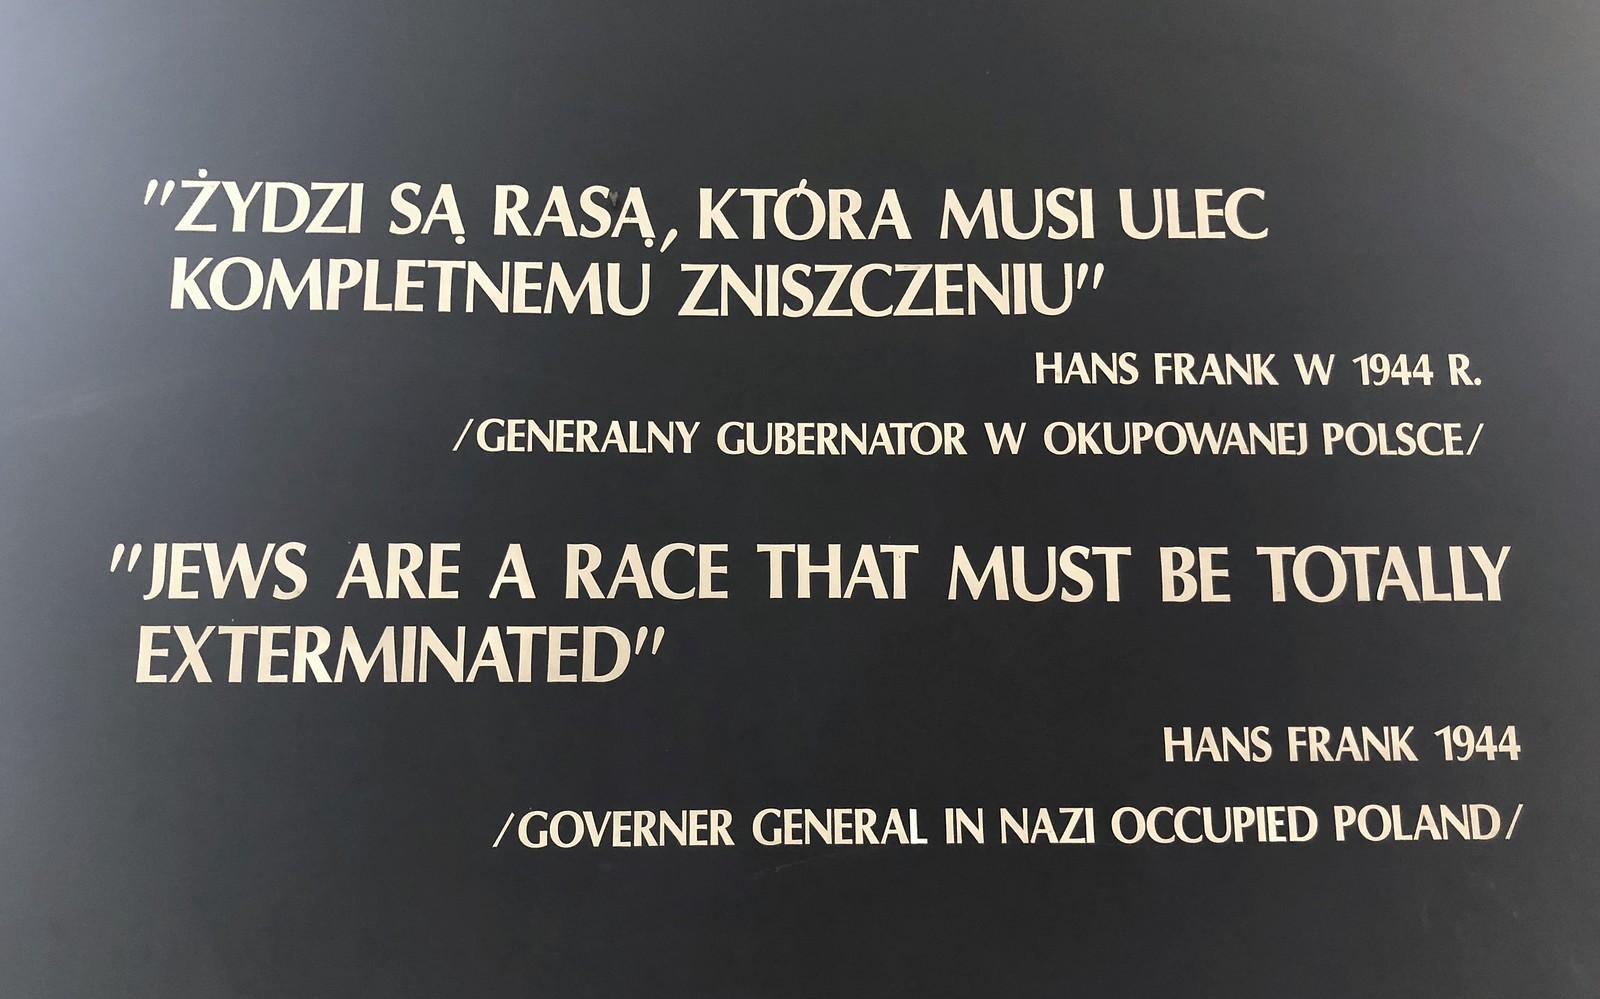 Auschwitz-Birkenau tuhoamisleiri, holokausti